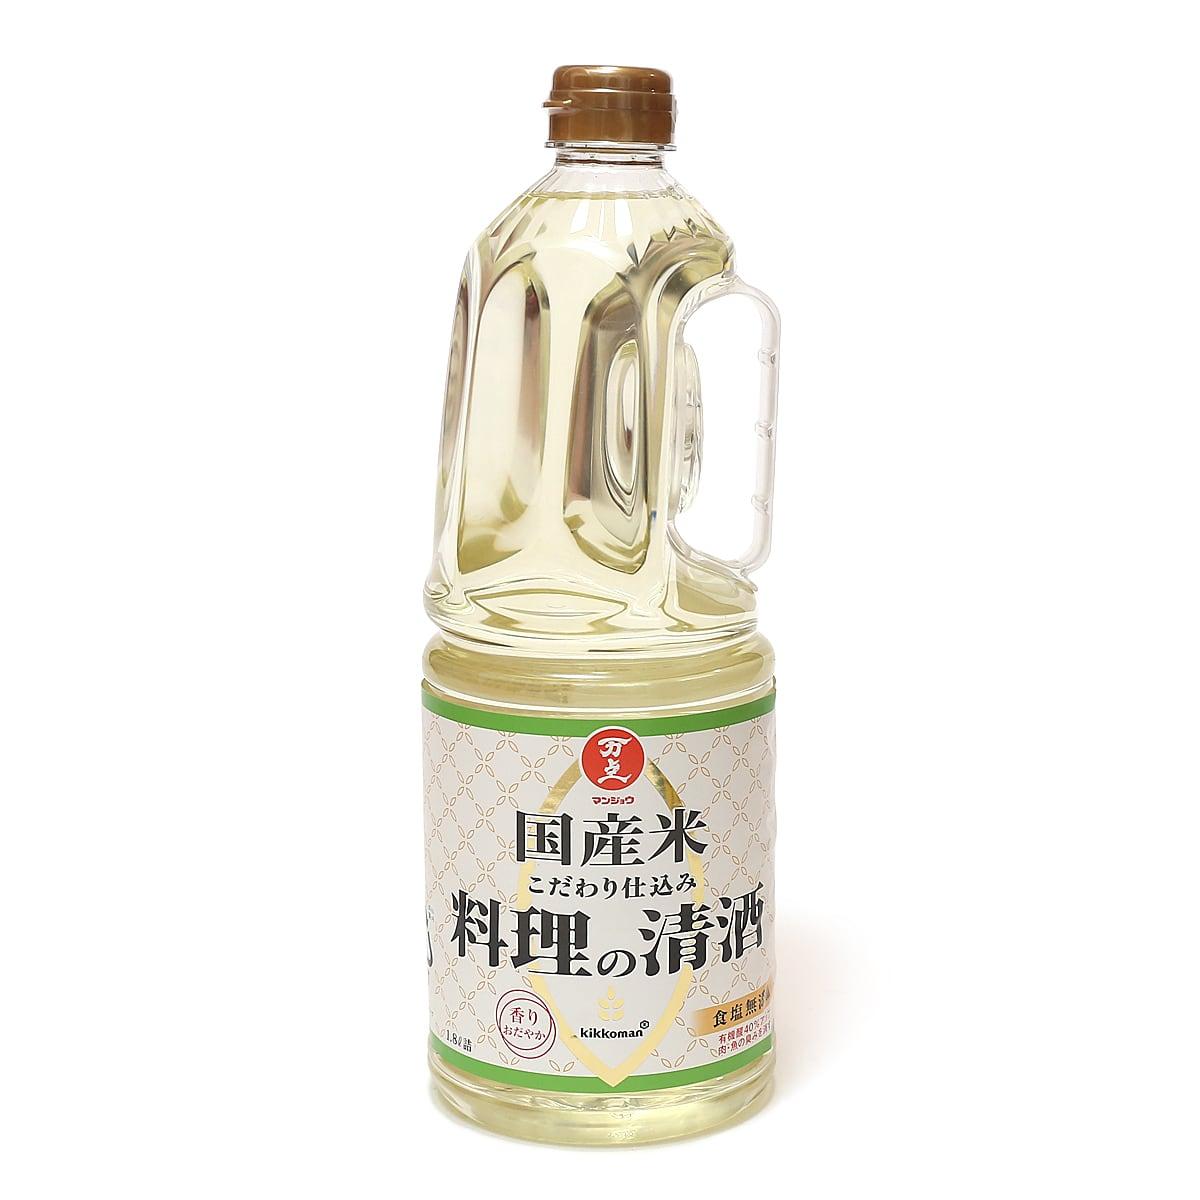 マンジョウ 料理の清酒 1.8L